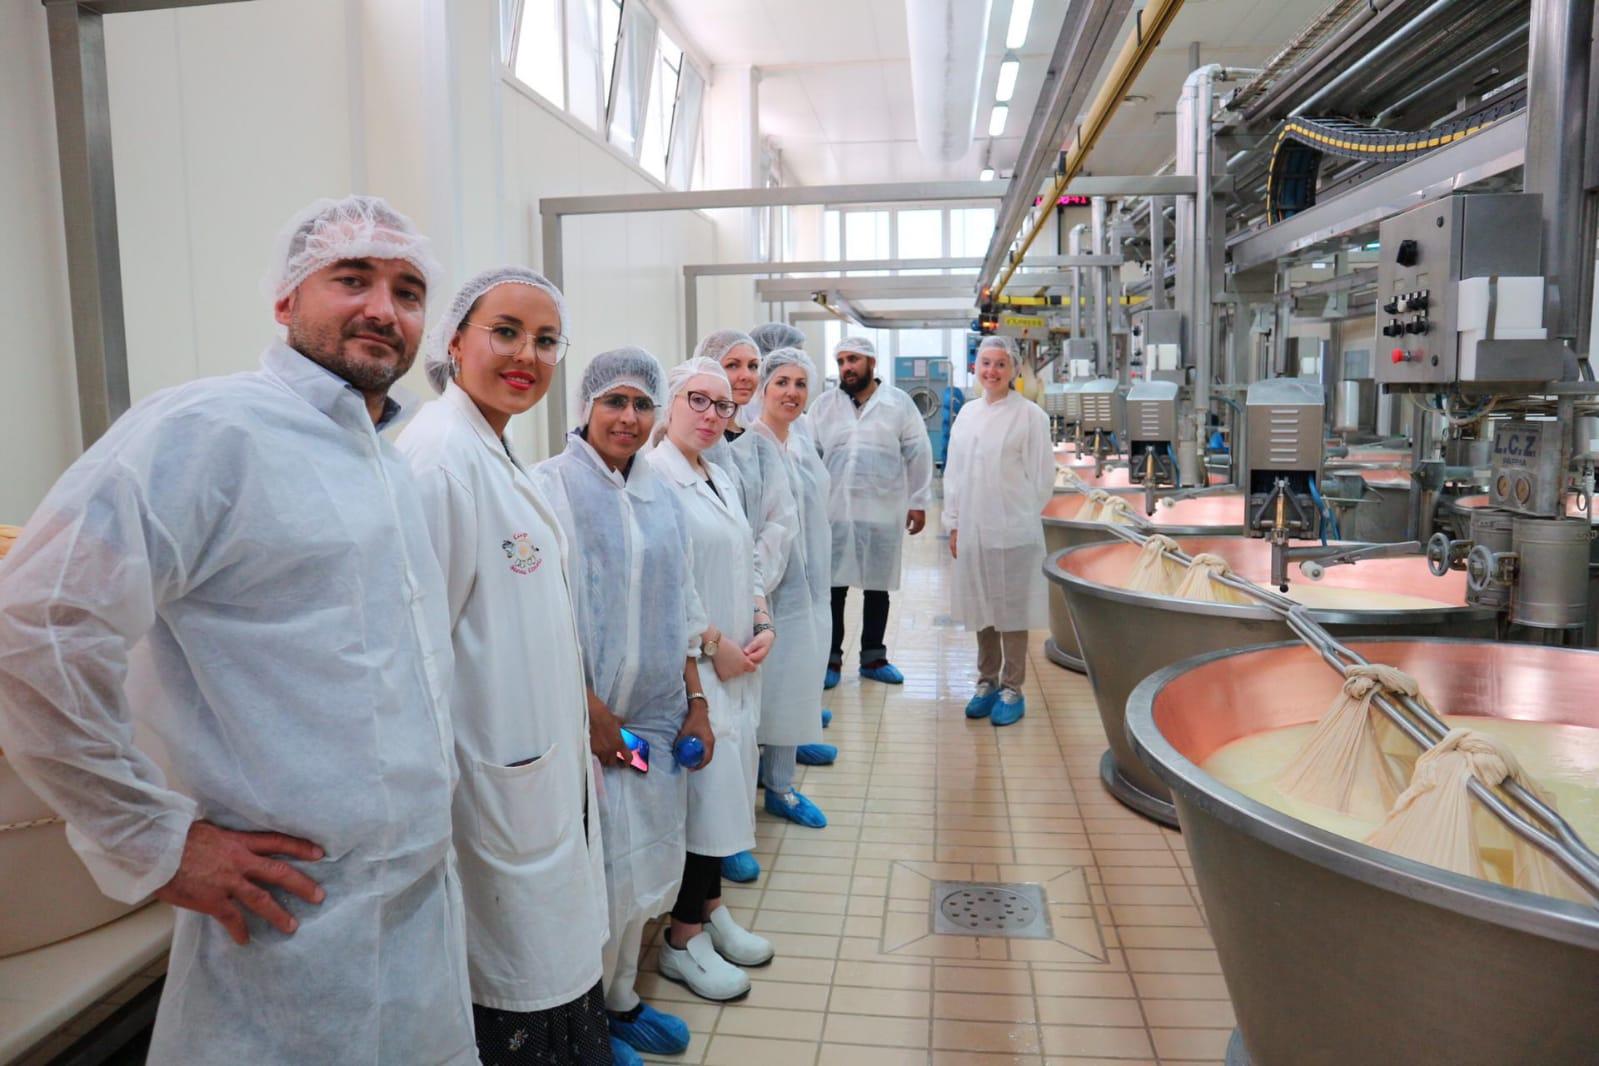 L'UNIDO ITPO Italy e Ozolea accompagnano una delegazione pakistana in un tour nel settore lattiero-caseario